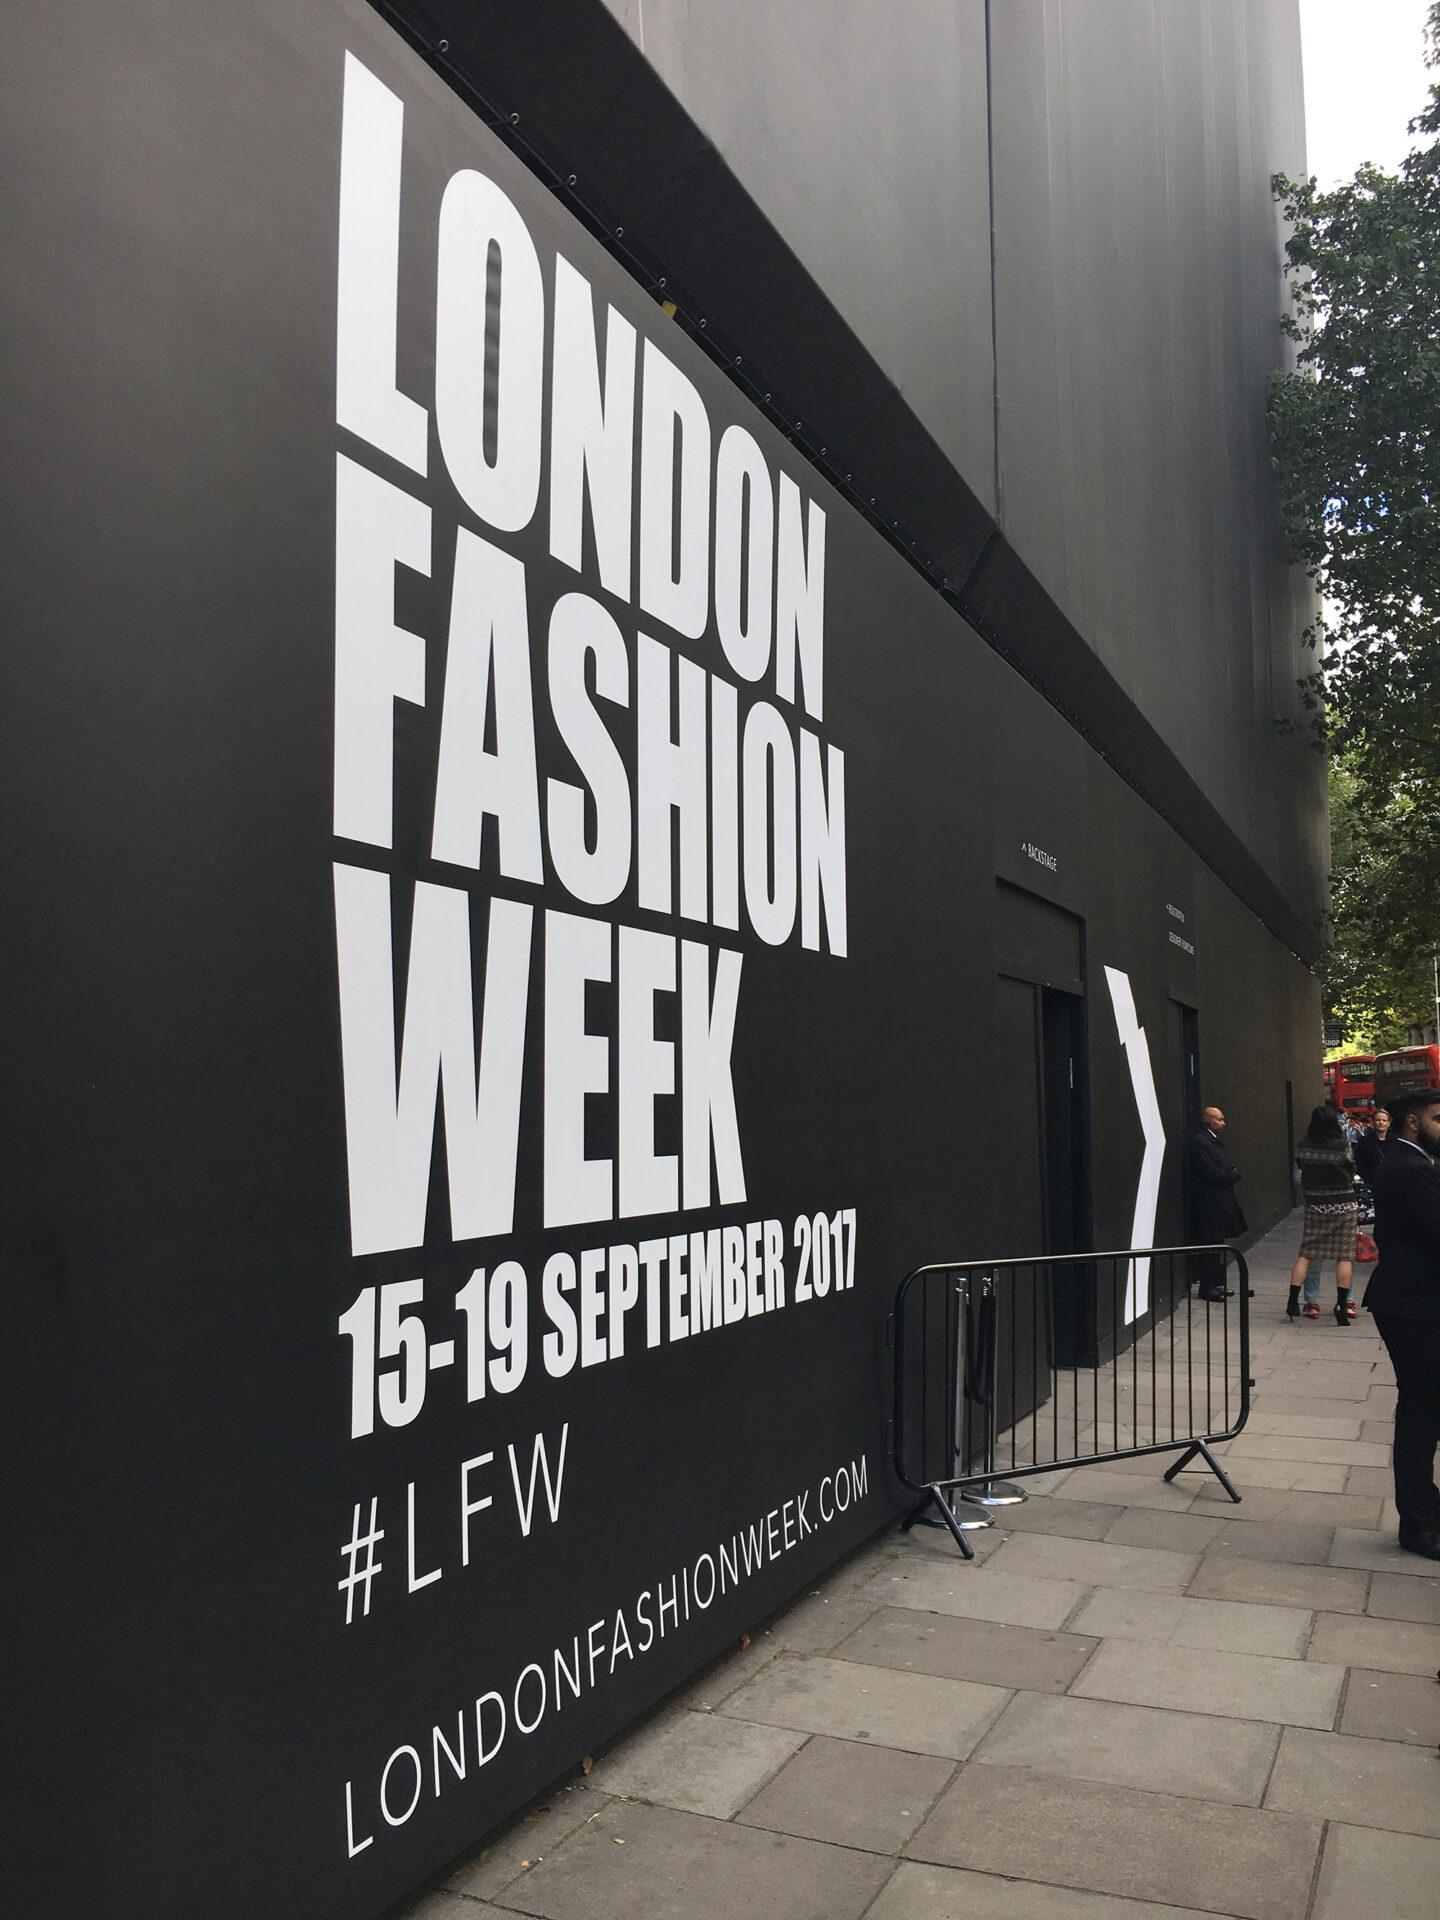 London Fashion Week signage